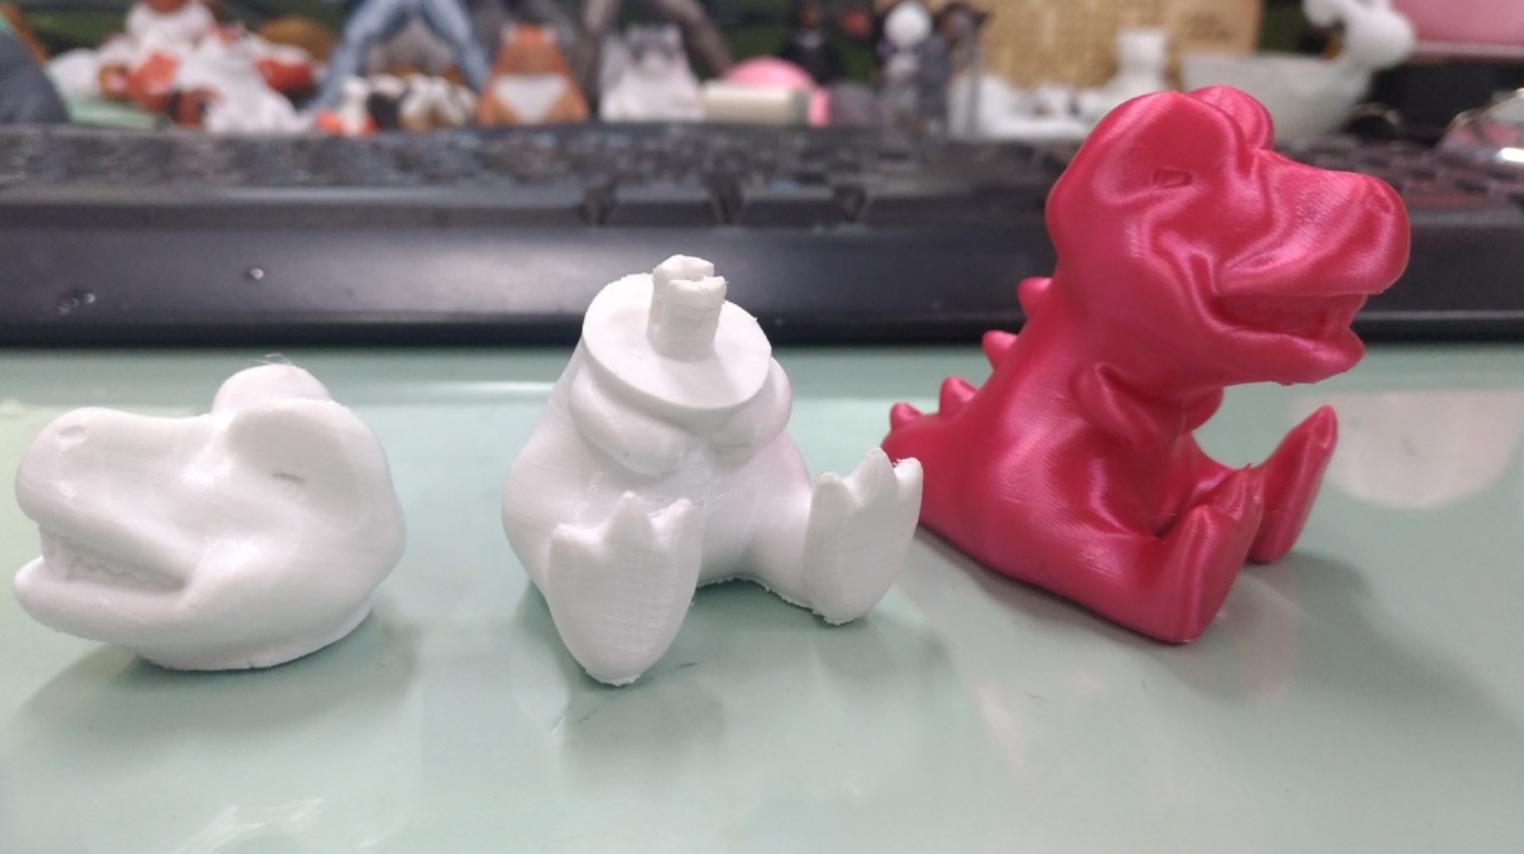 Capture d'écran 2017-12-12 à 18.33.16.png Download free STL file Baby T-Rex • 3D printer design, orangeteacher